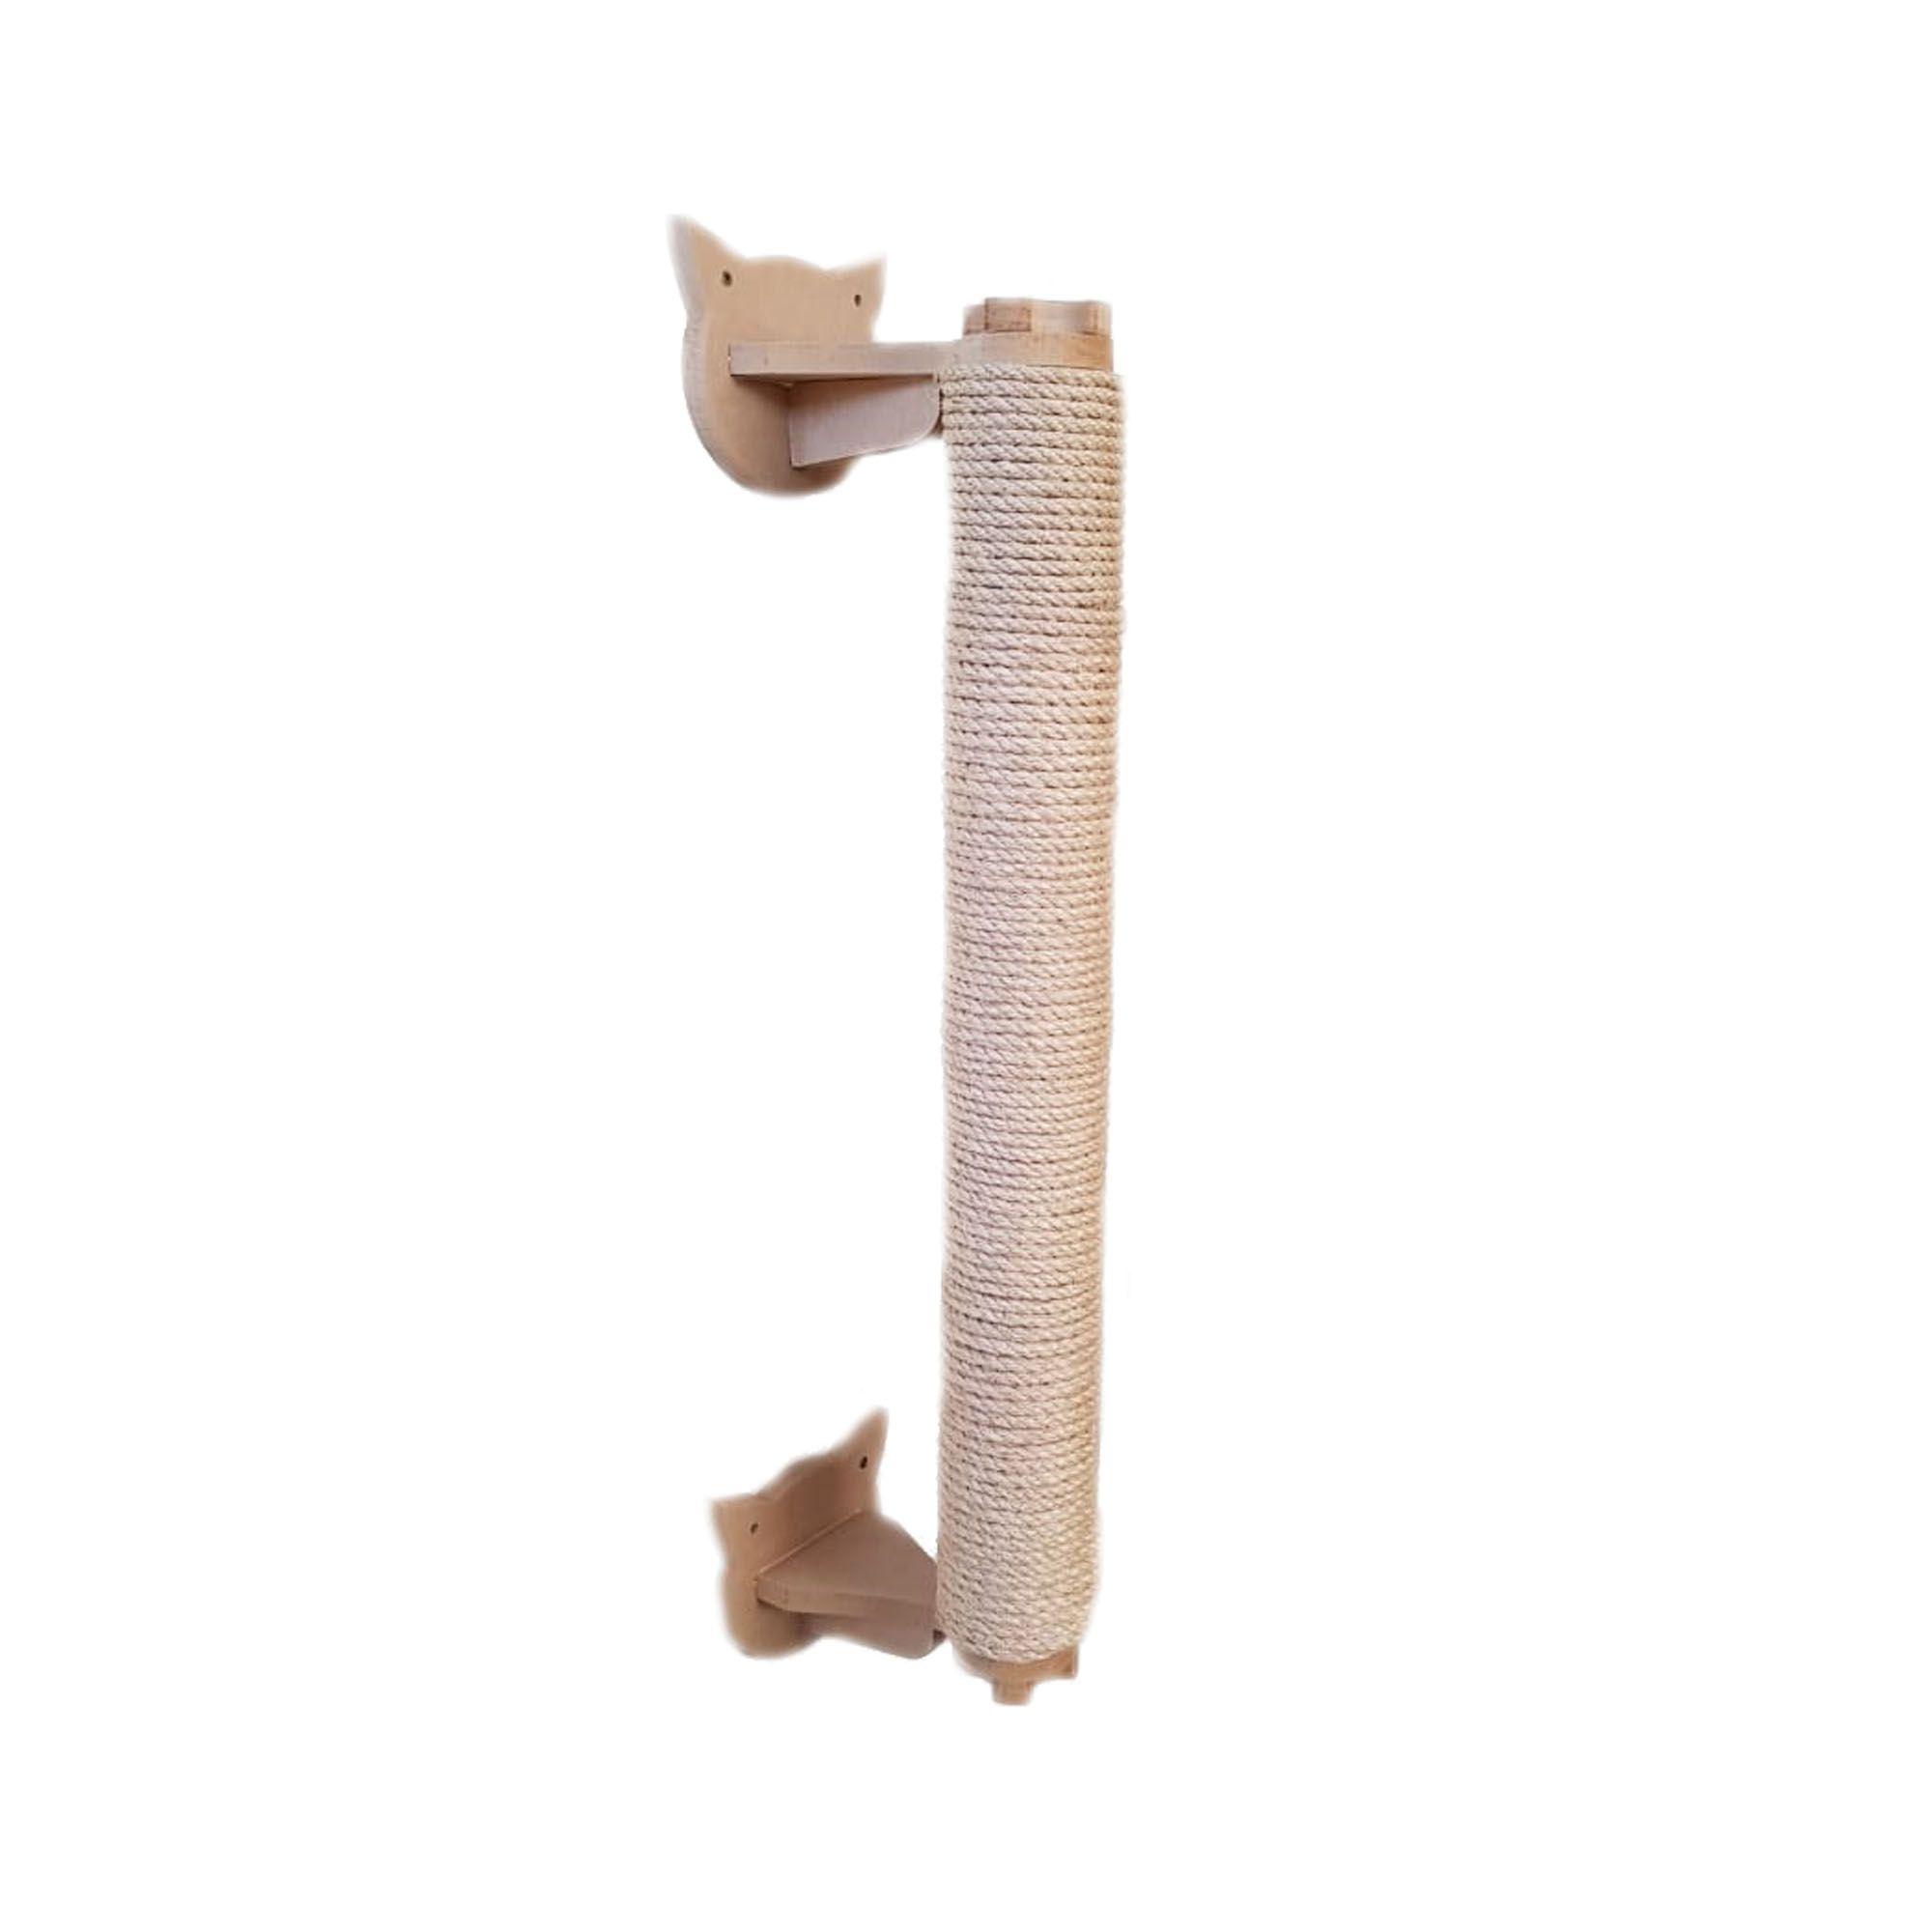 Arranhador Gato - Arranhador De Parede Vertical  - Produto com Sisal para Gato em Mdf 15mm